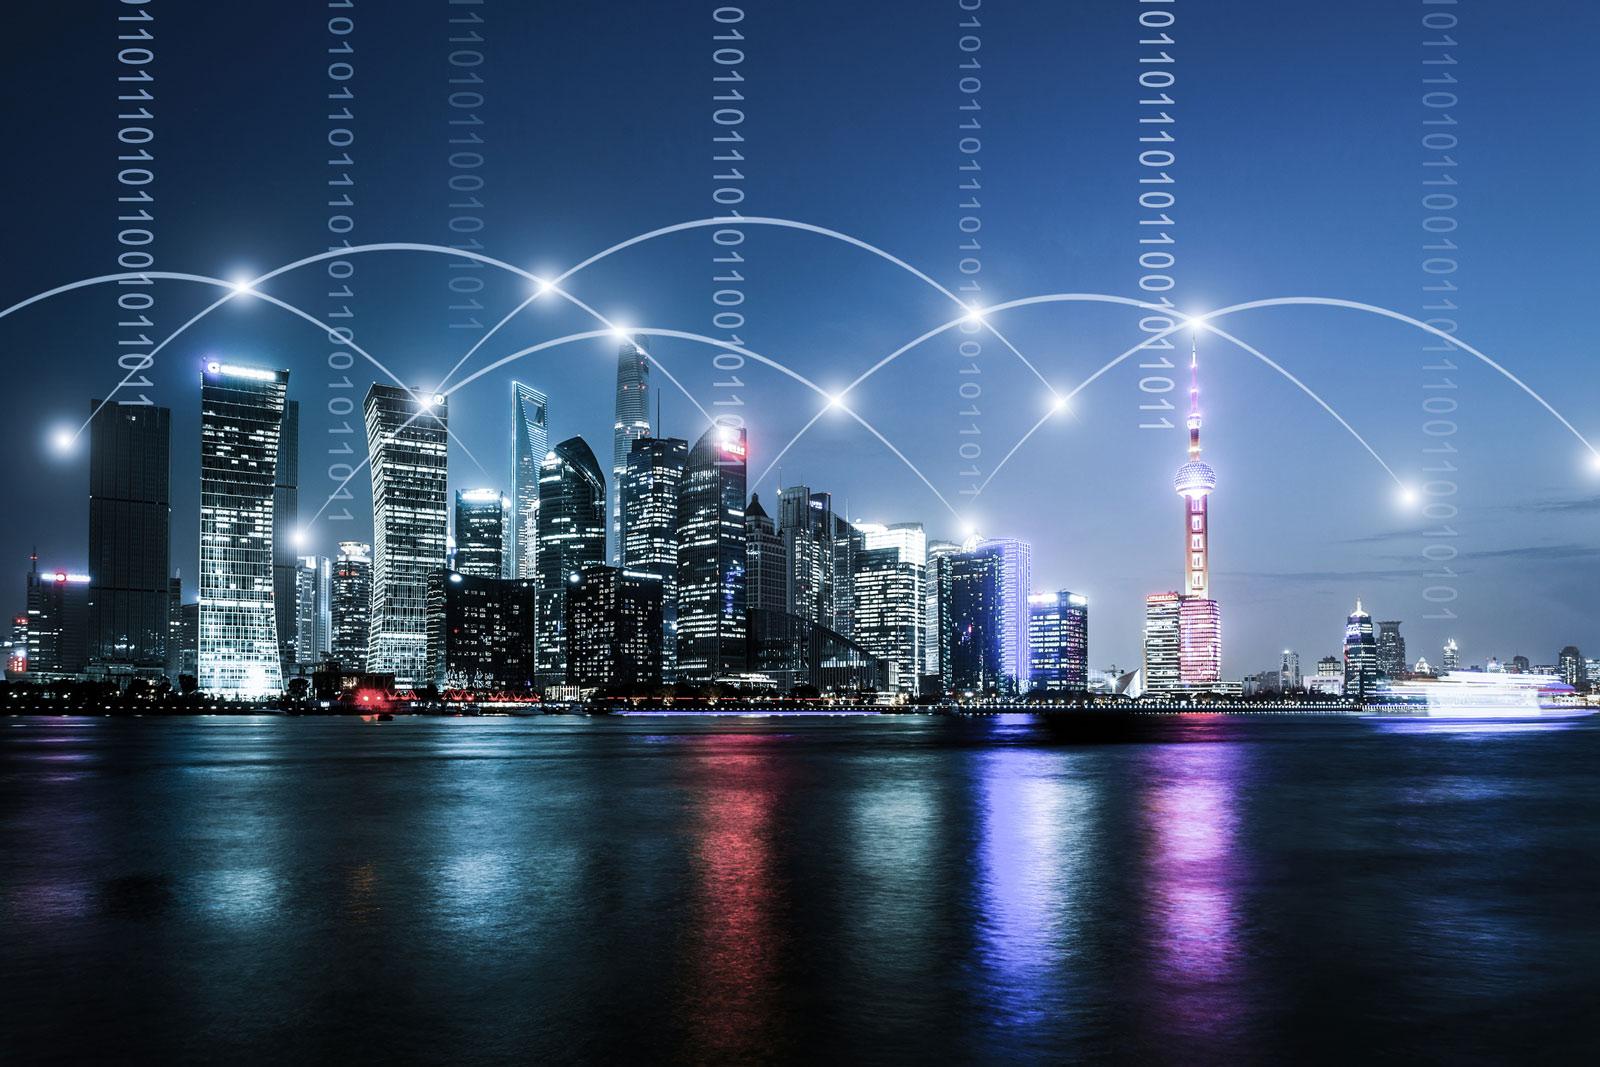 至暗时刻:当黑客攻破智慧城市 我们能做什么